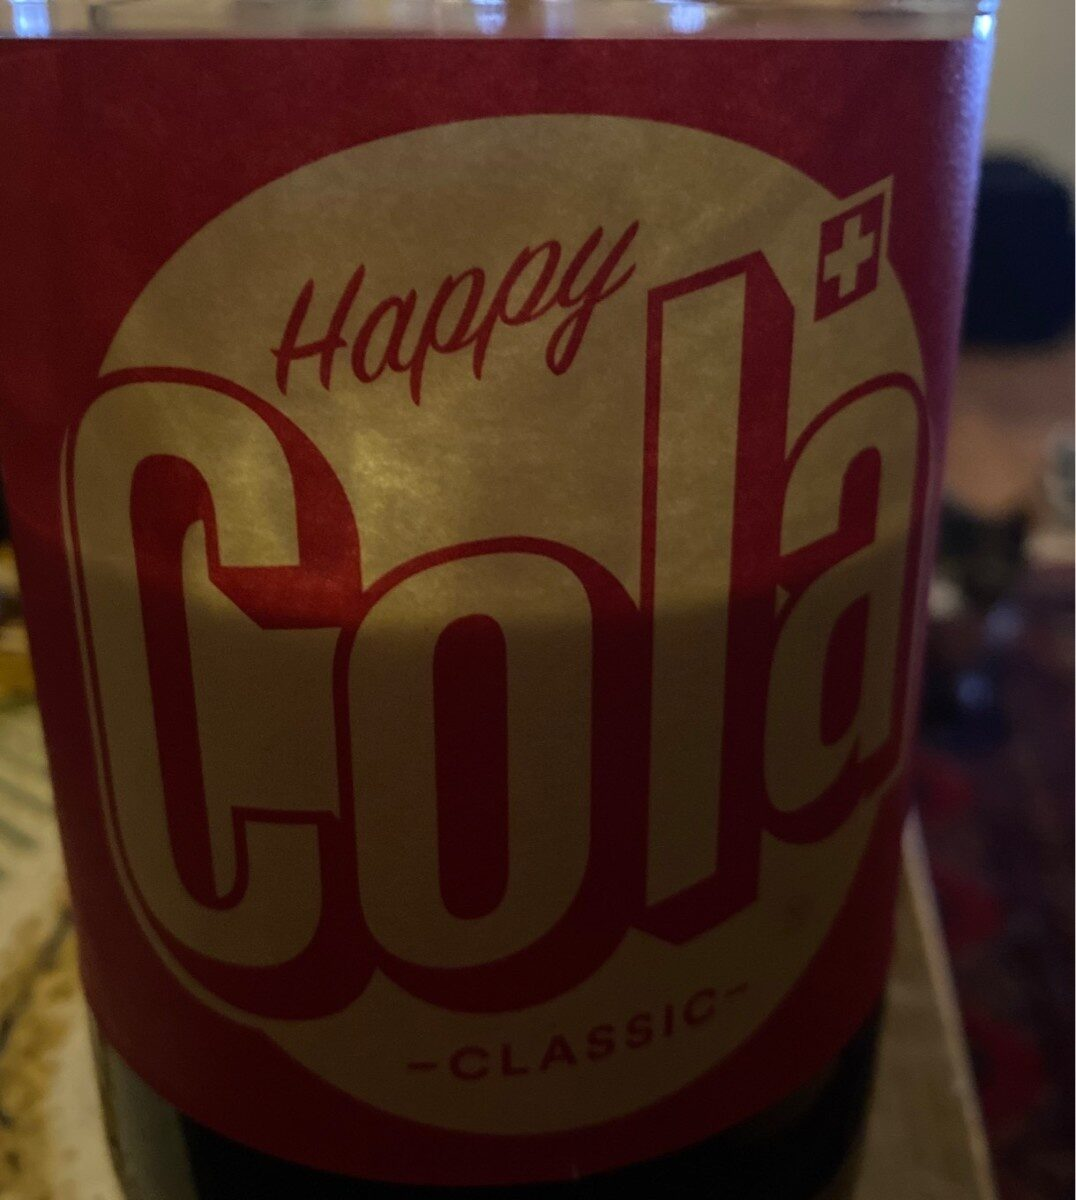 Happy cola classic - Prodotto - fr